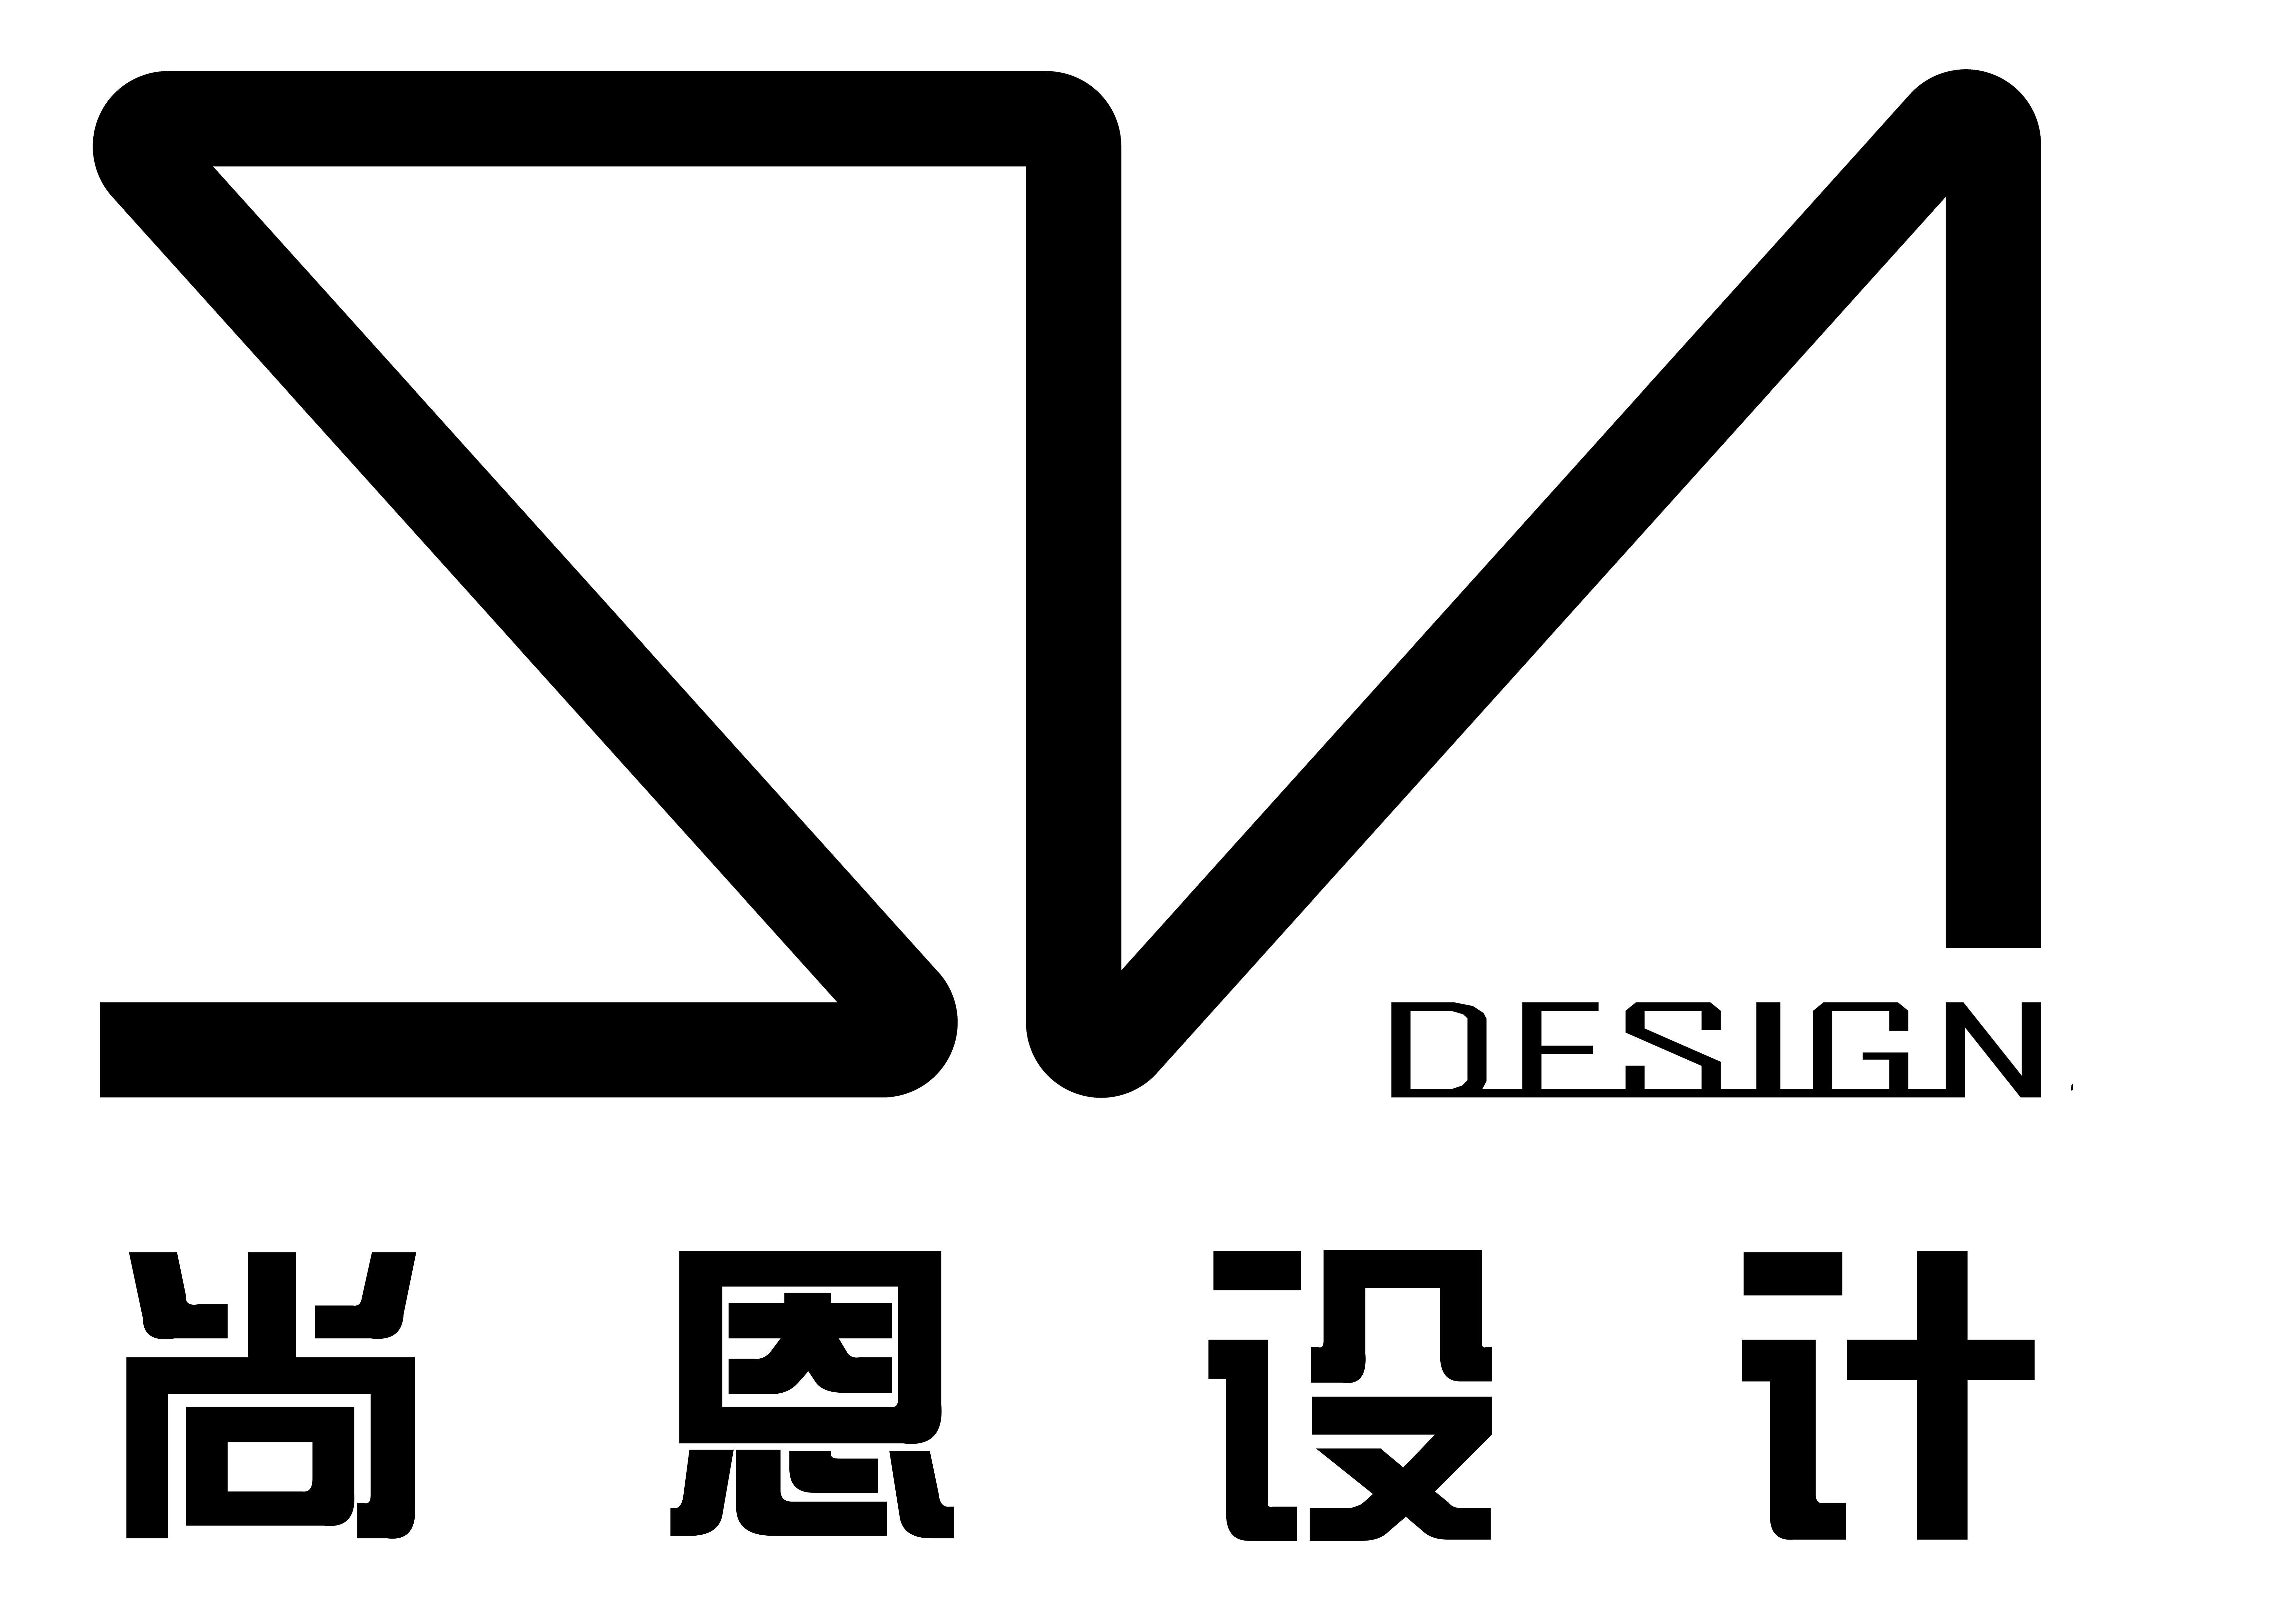 尚恩(上海)建筑设计有限公司